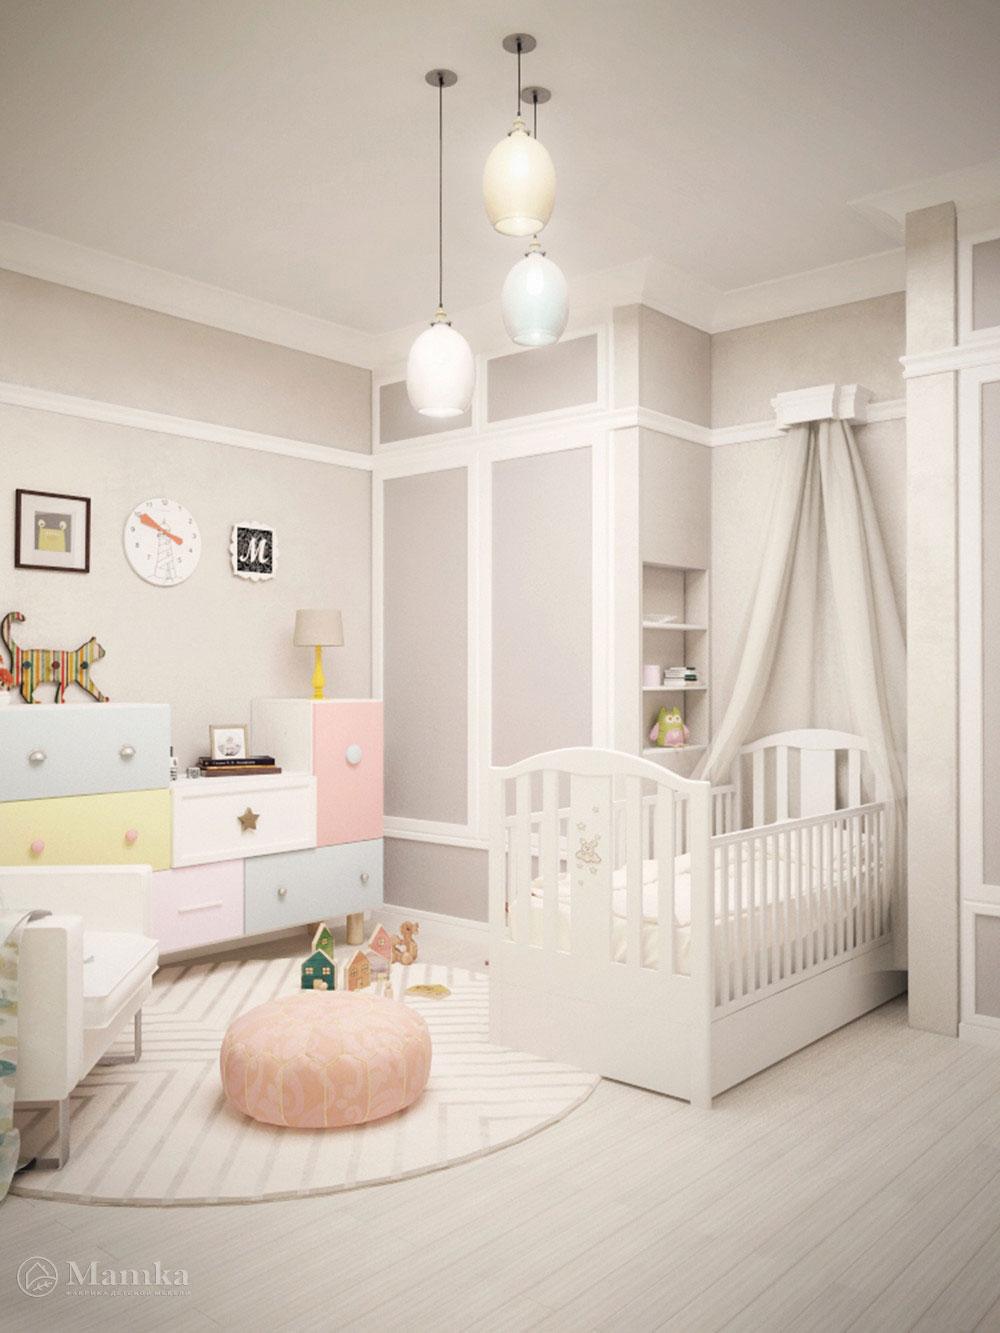 Идея для детской с минималистическим декором  1